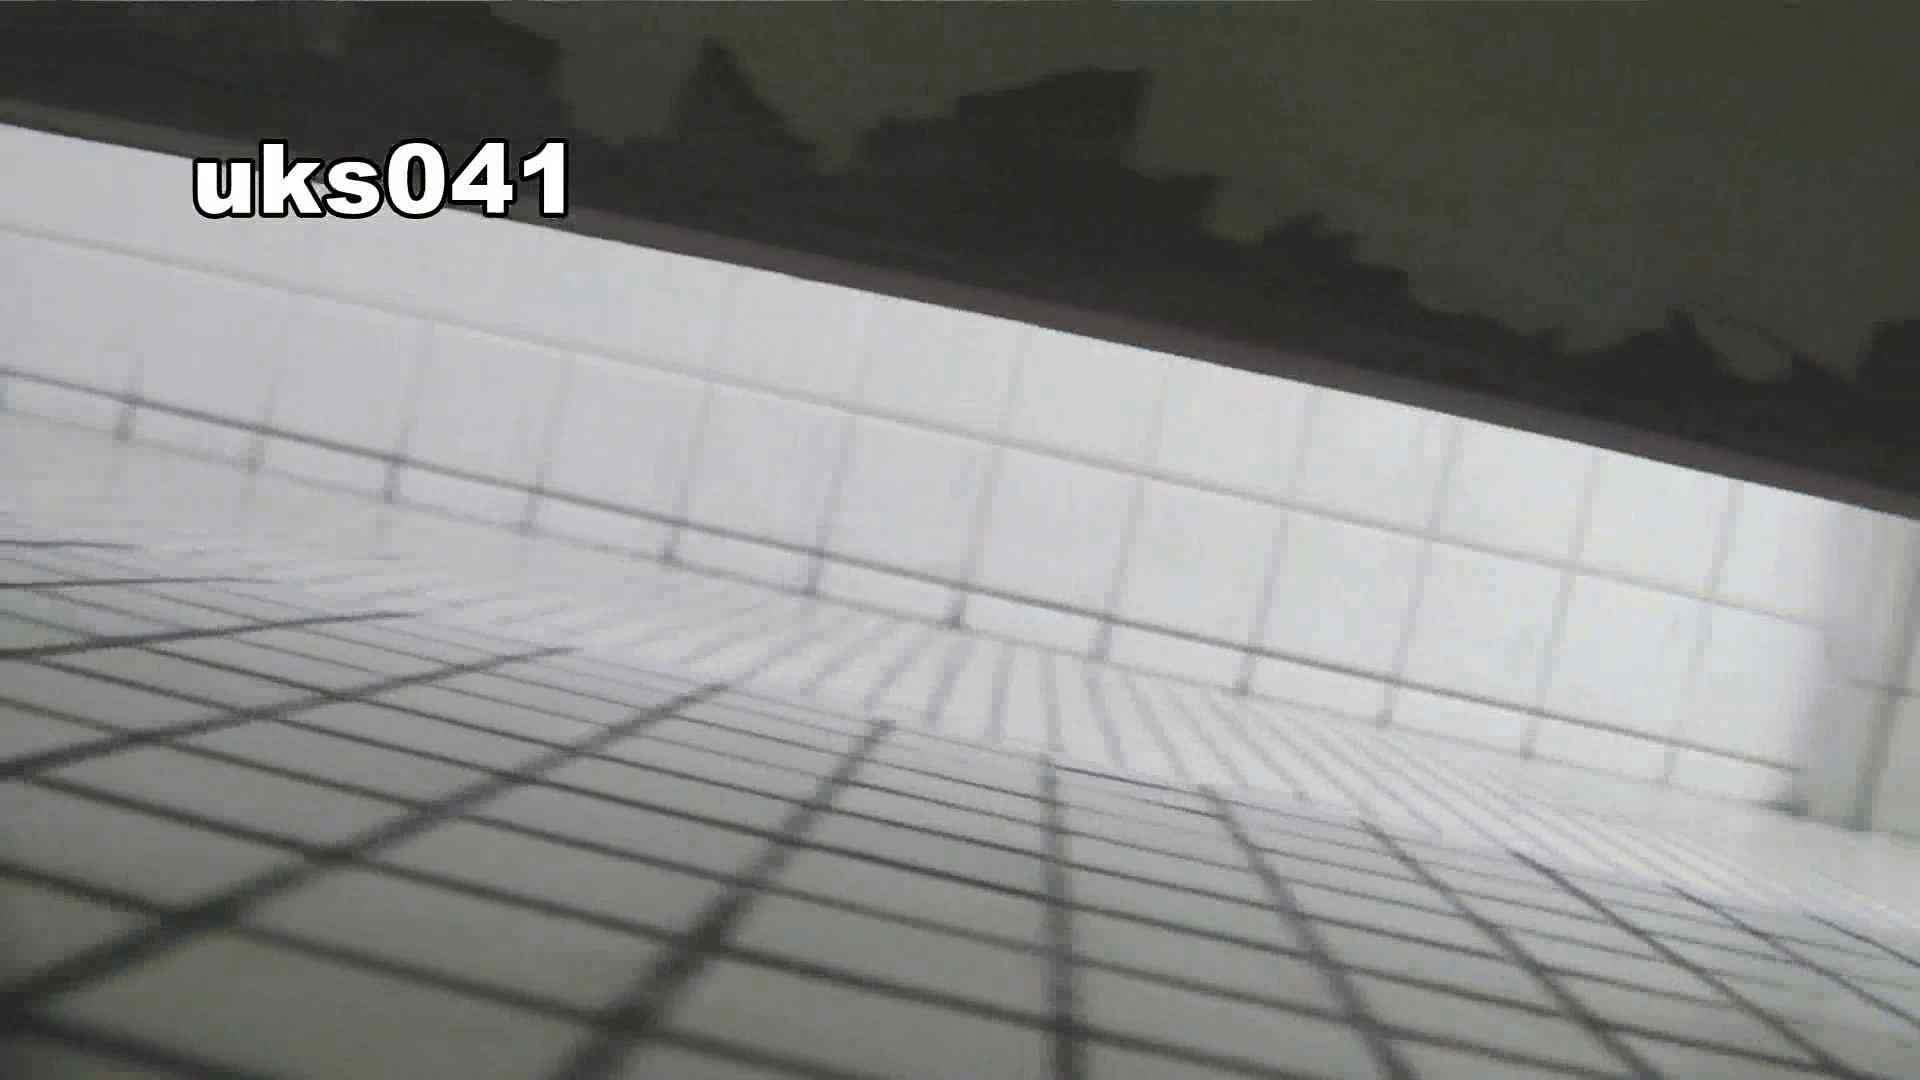 【美しき個室な世界】 vol.041 OL | 0  97連発 6